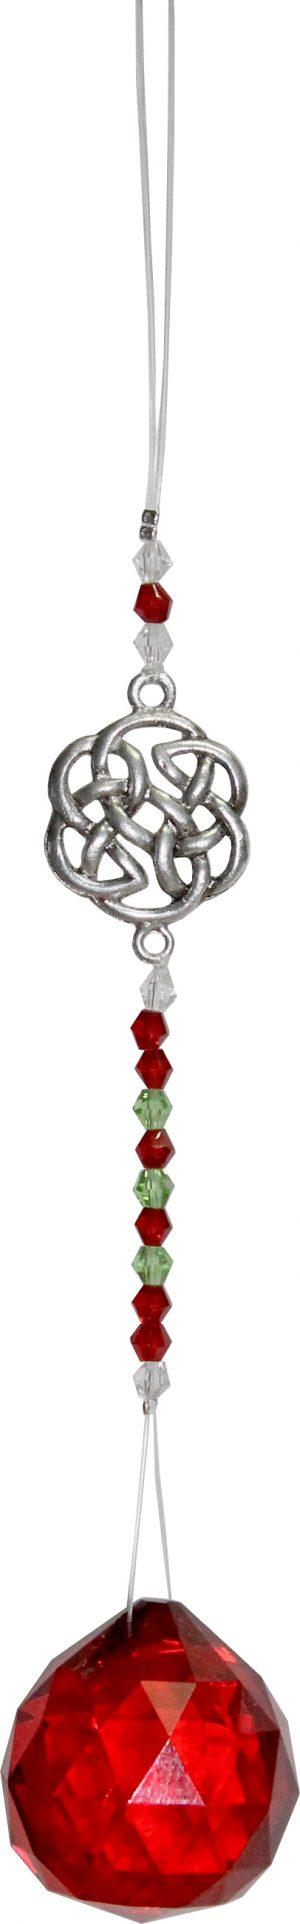 Anhänger Crystal Geschliffenes Glas mit Perlen & keltischem Knoten - Rot